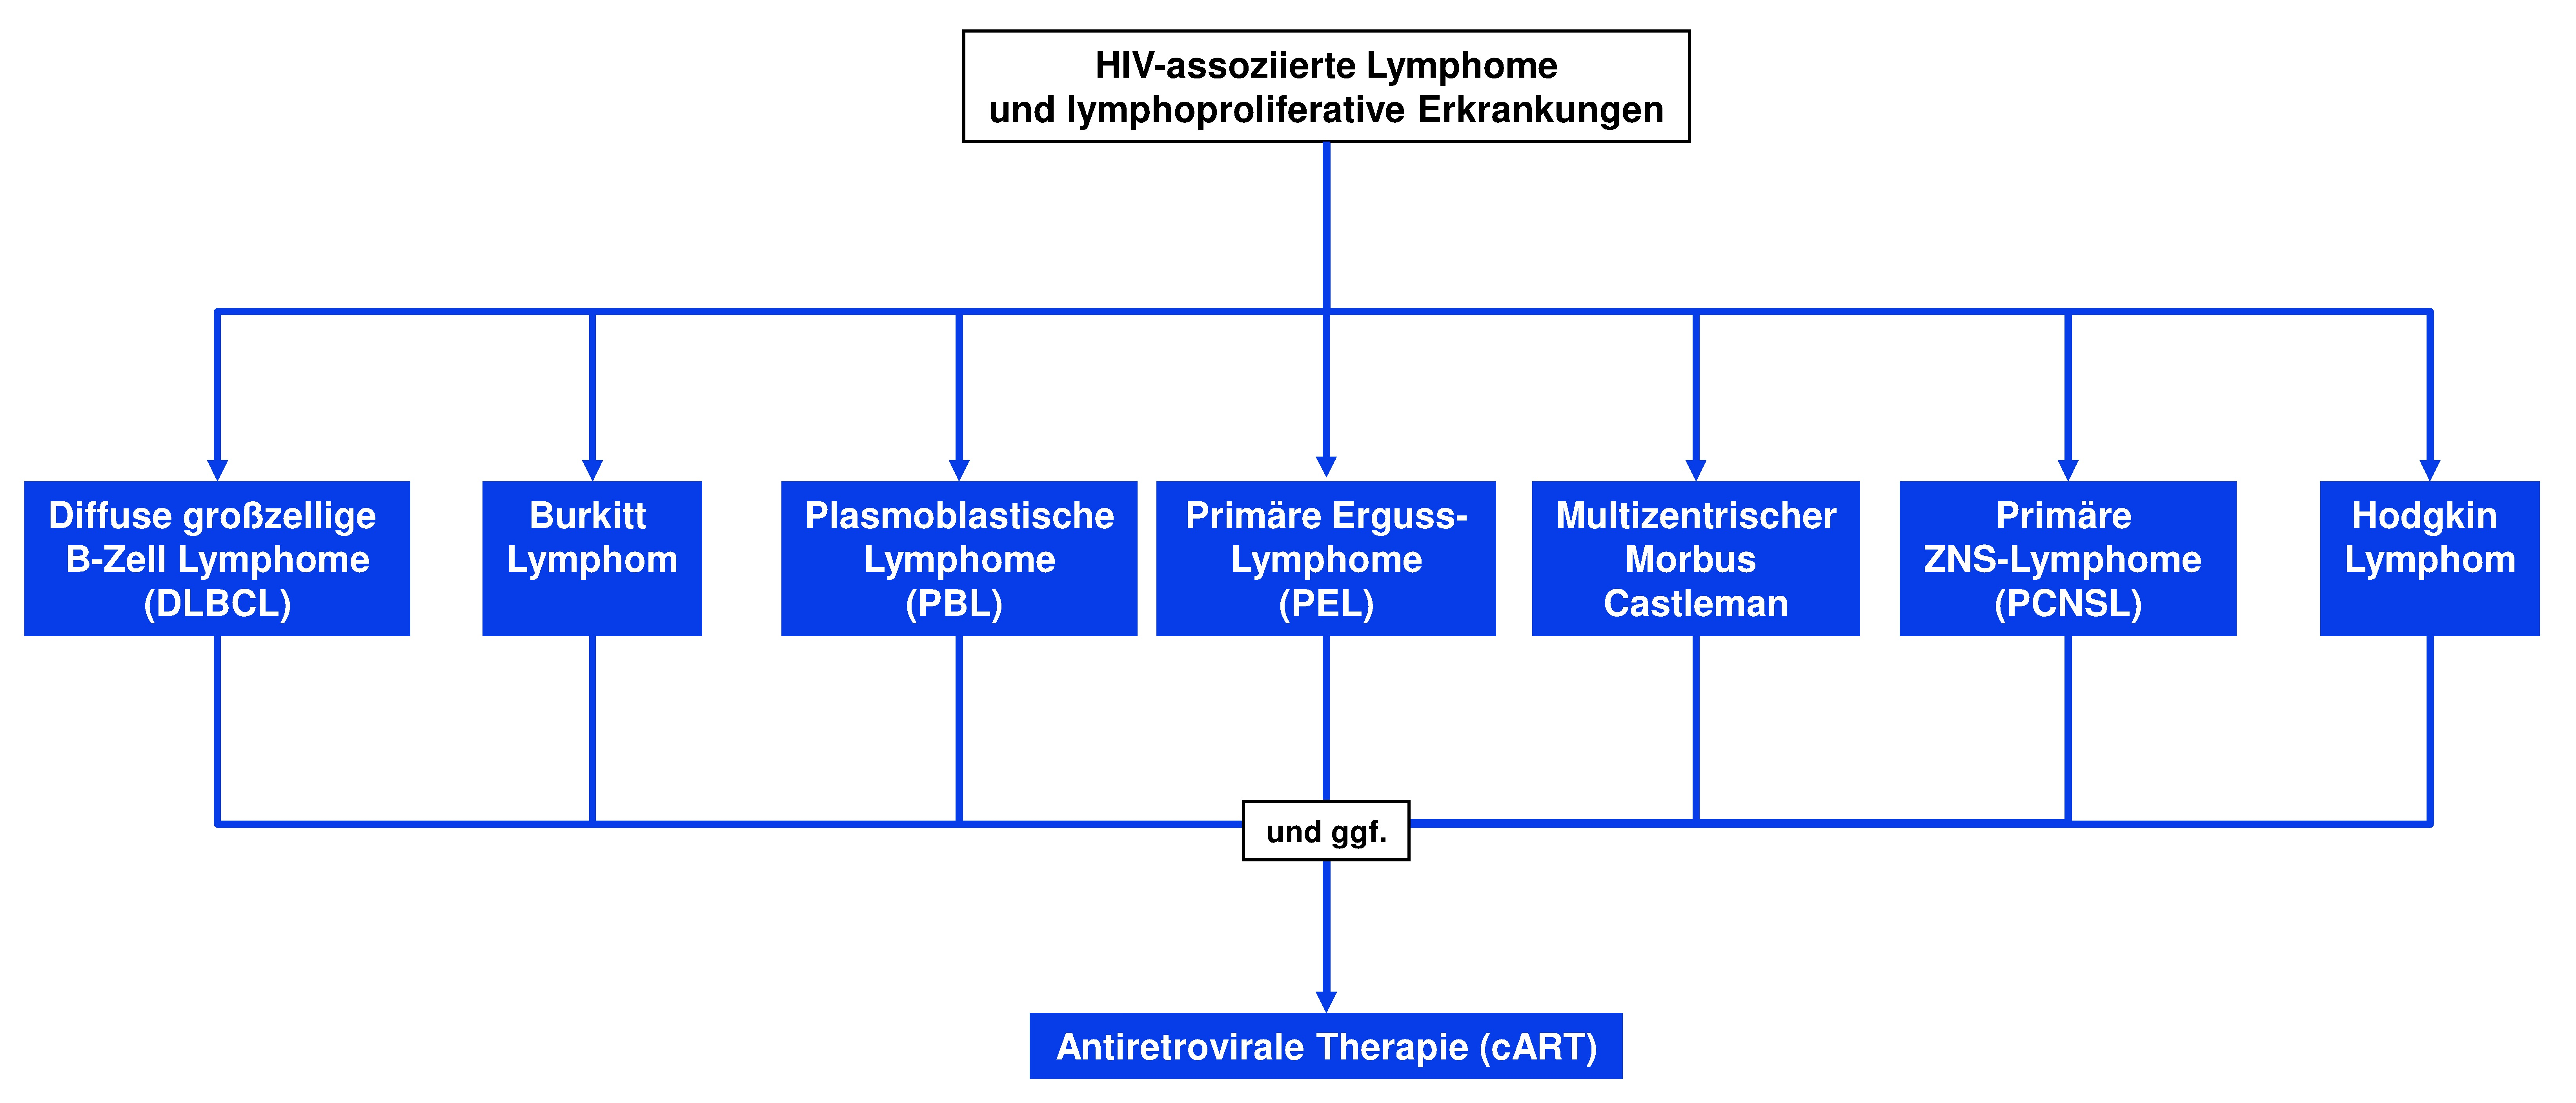 Therapie HIV-assoziierter Lymphome und lymphoproliferativer Erkrankungen